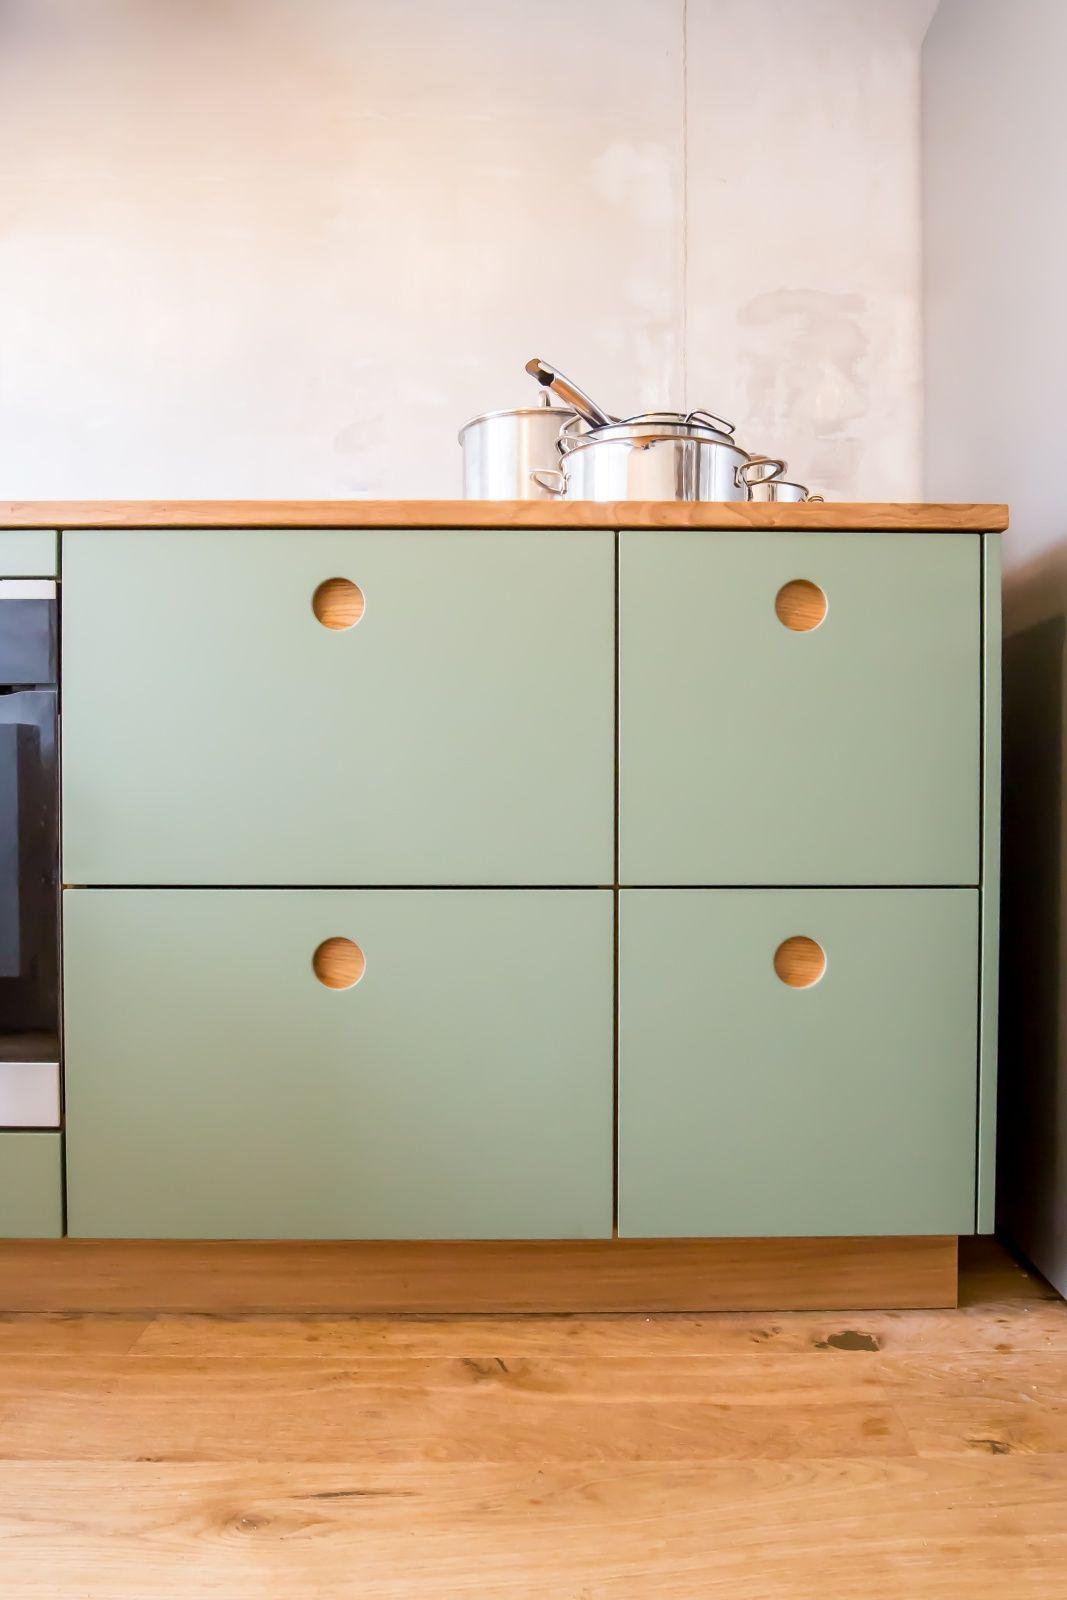 Gemütlich Blau Grün Lackiert Küchenschränke Fotos - Küche Set Ideen ...